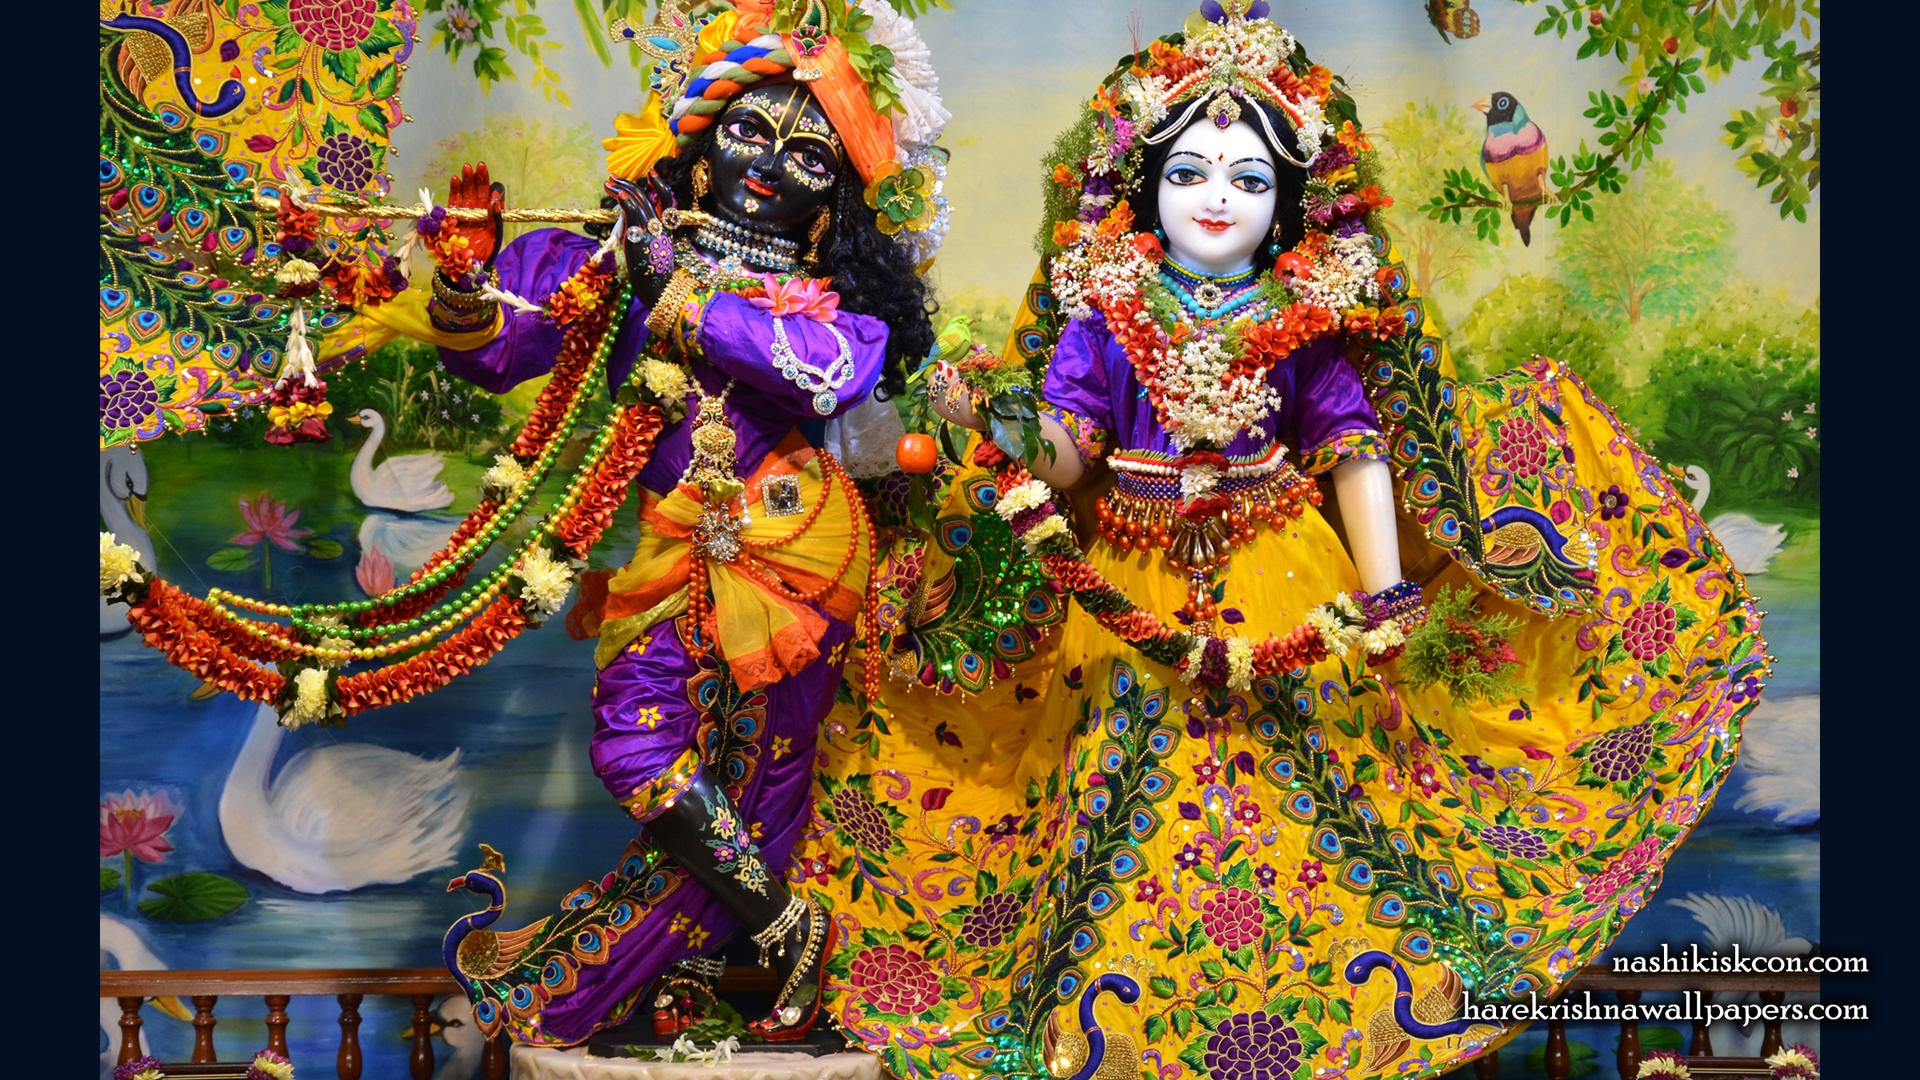 Sri Sri Radha Madan Gopal Wallpaper (013) Size 1920x1080 Download